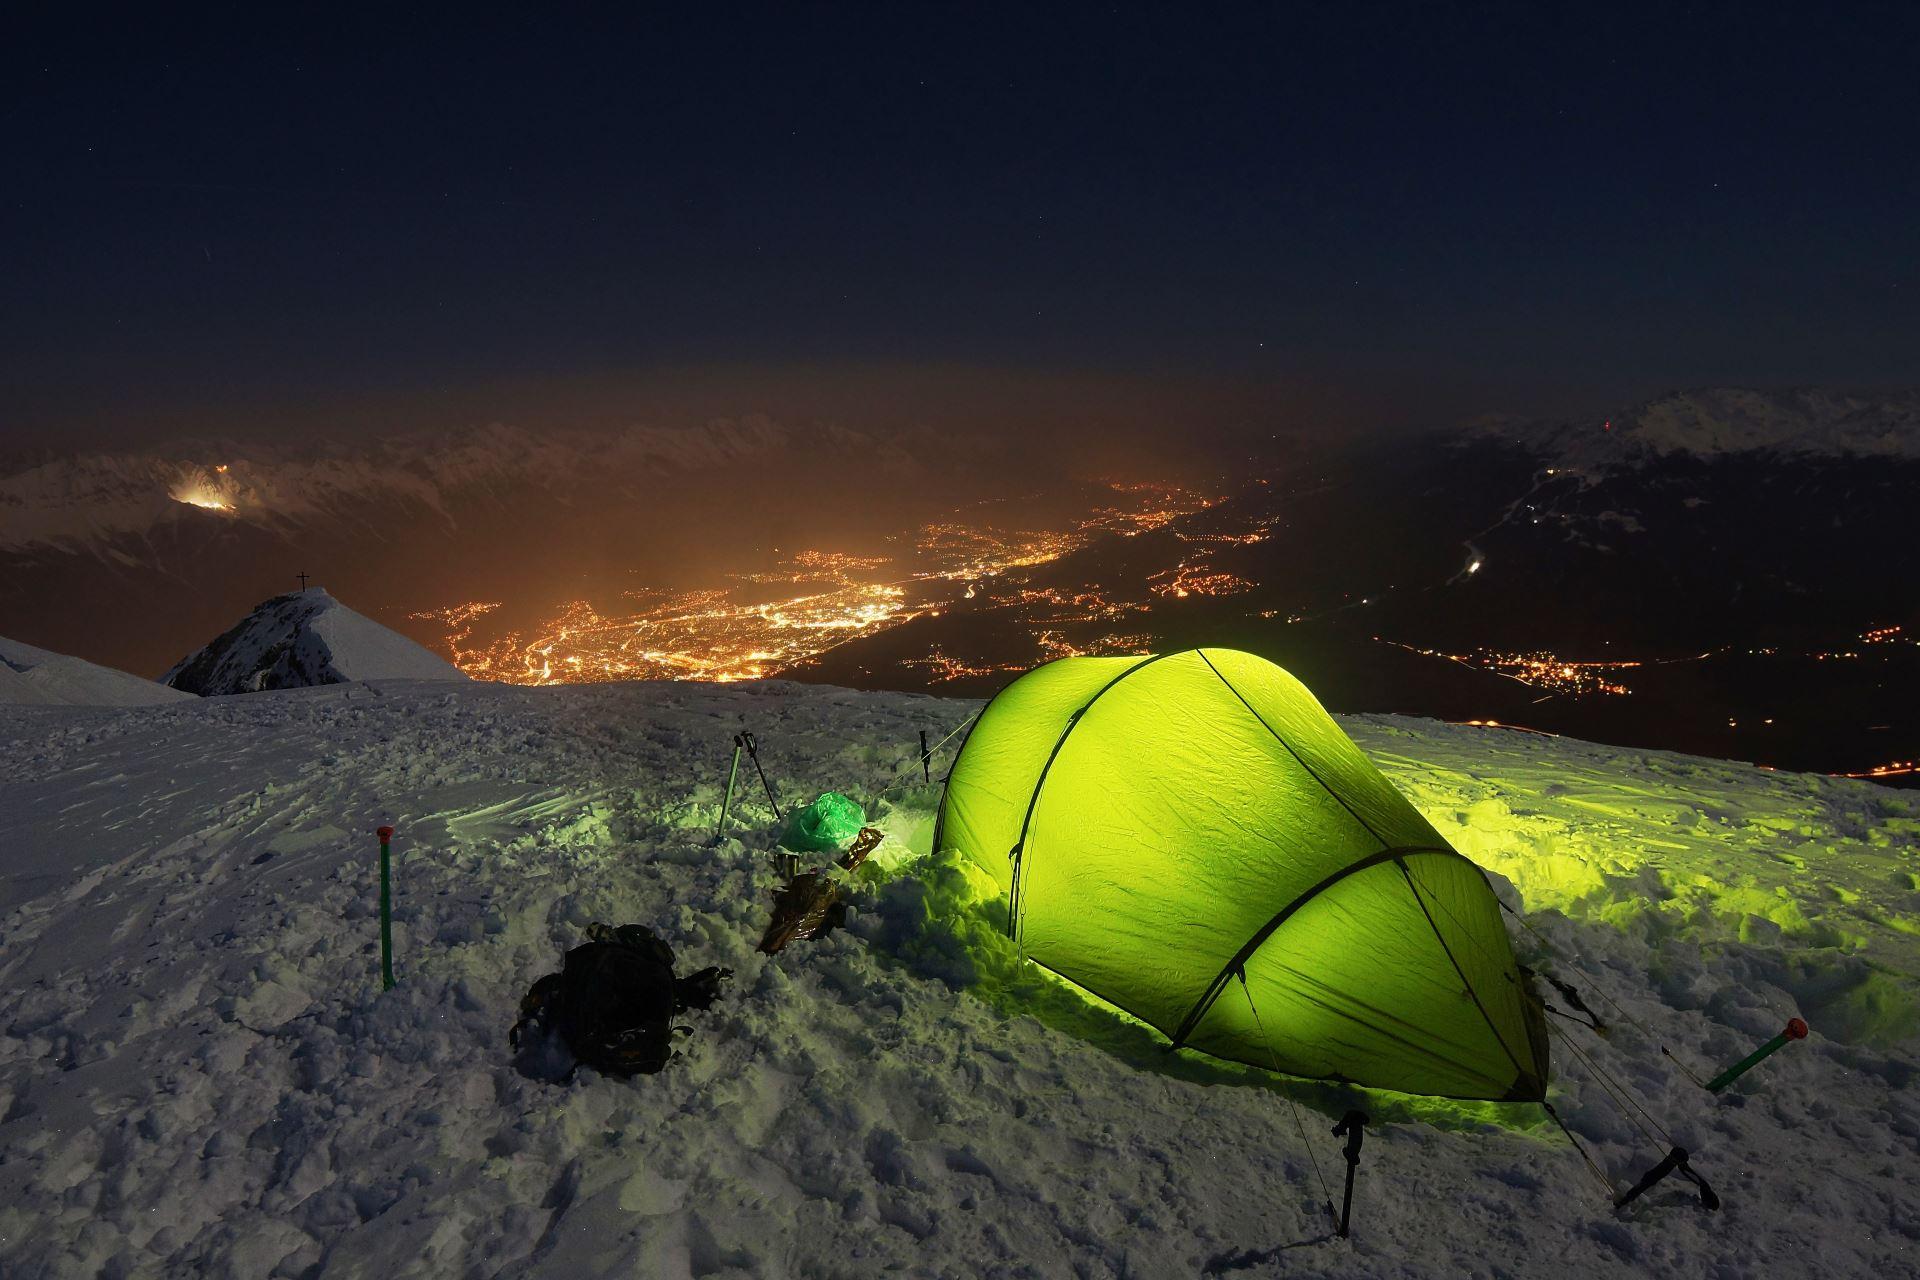 Tunnelzelt im Schnee bei Nacht